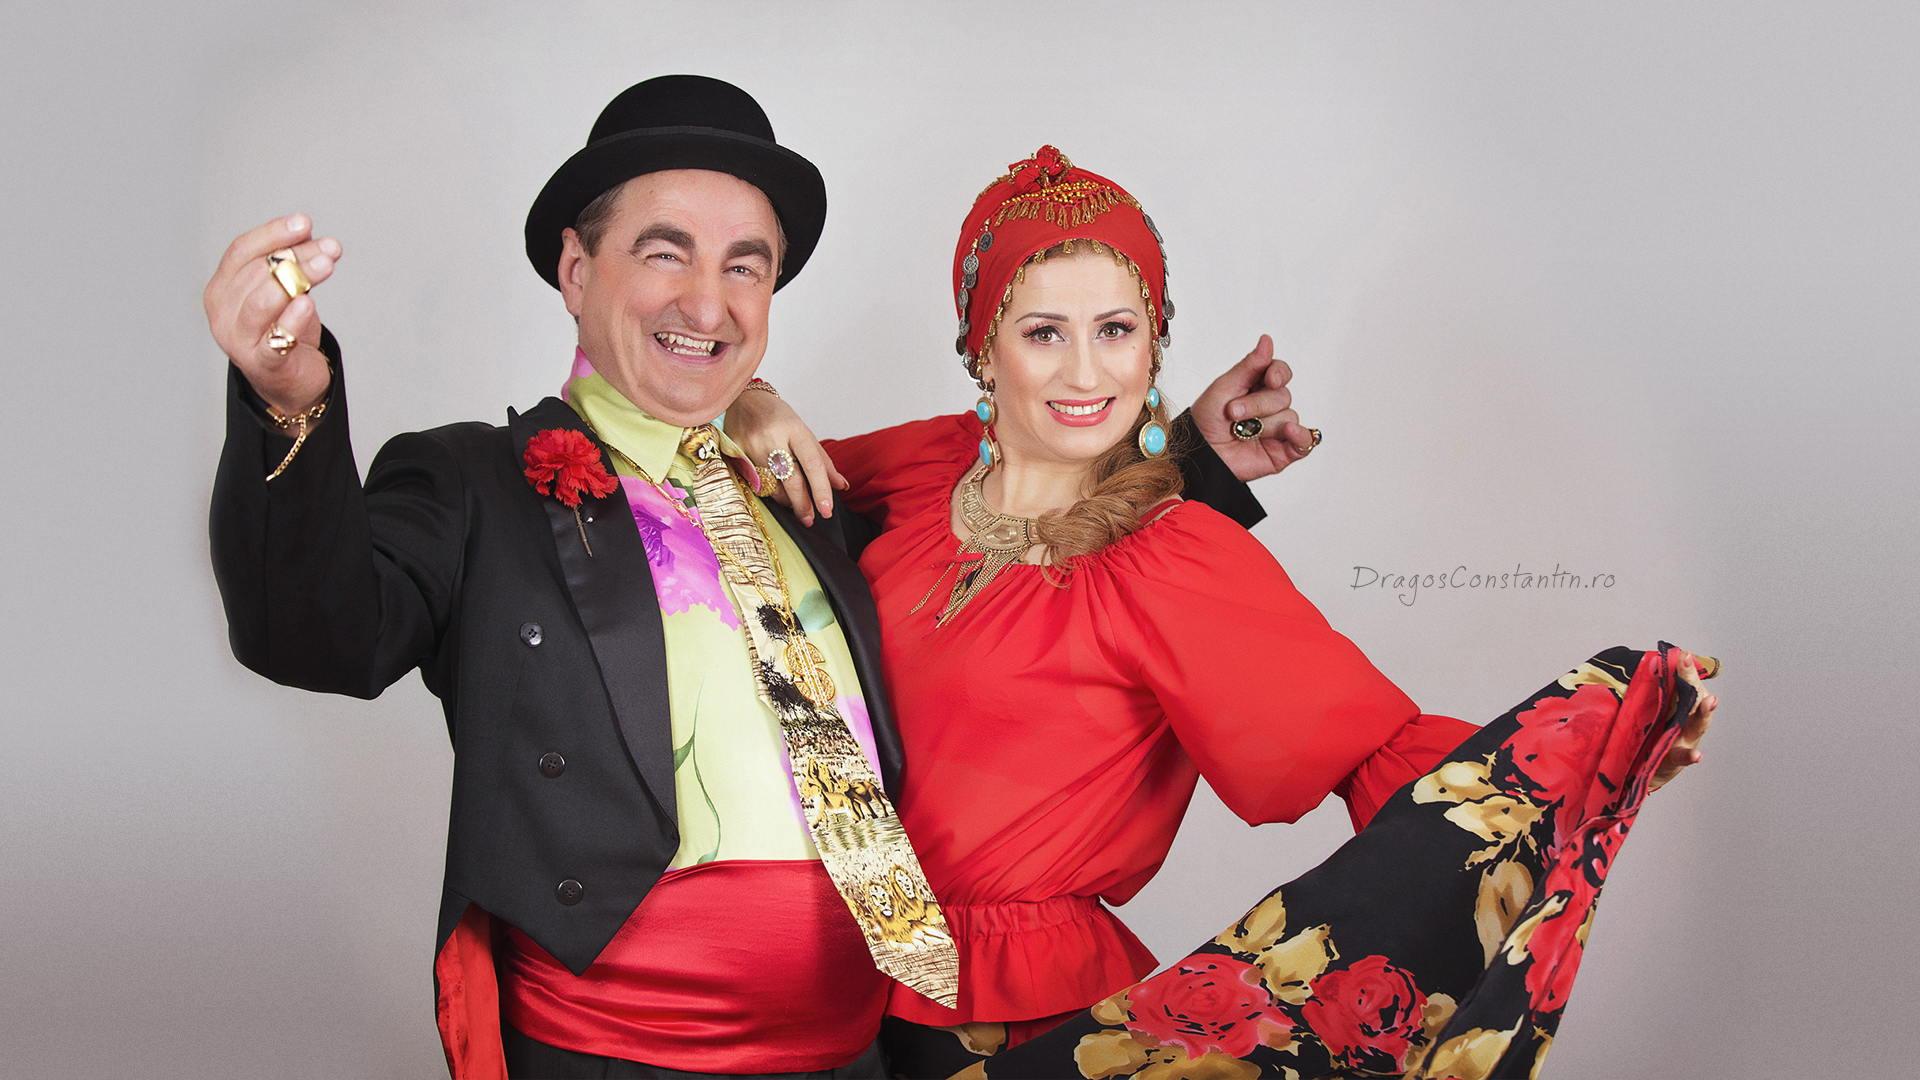 Fotografie Persoane Publice - Vasile Muraru si Valentina Fatu